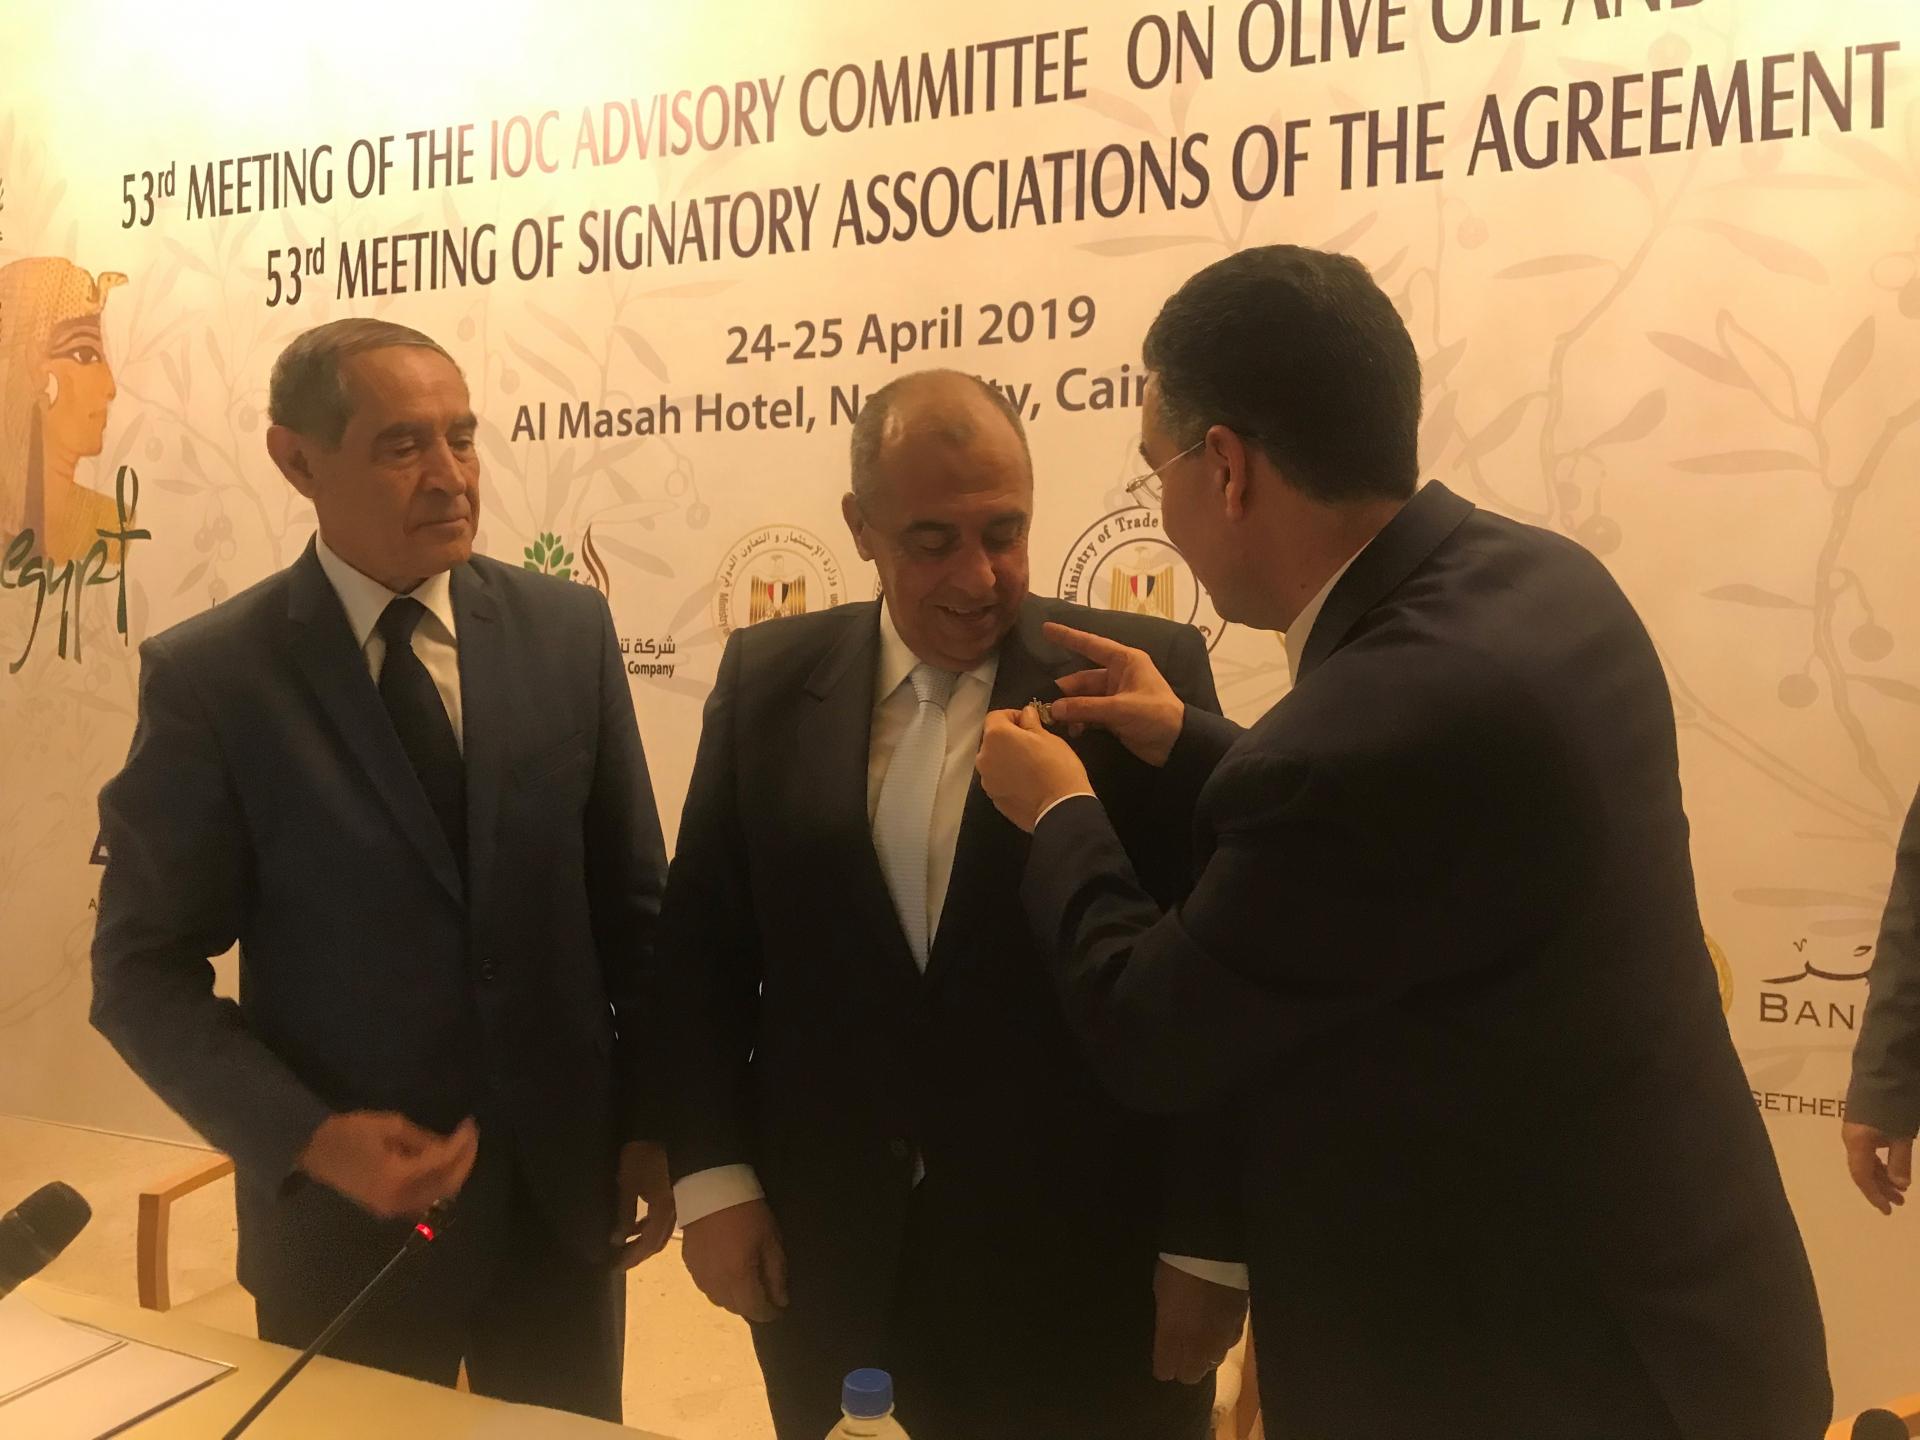 Il summit dell'olio al Cairo